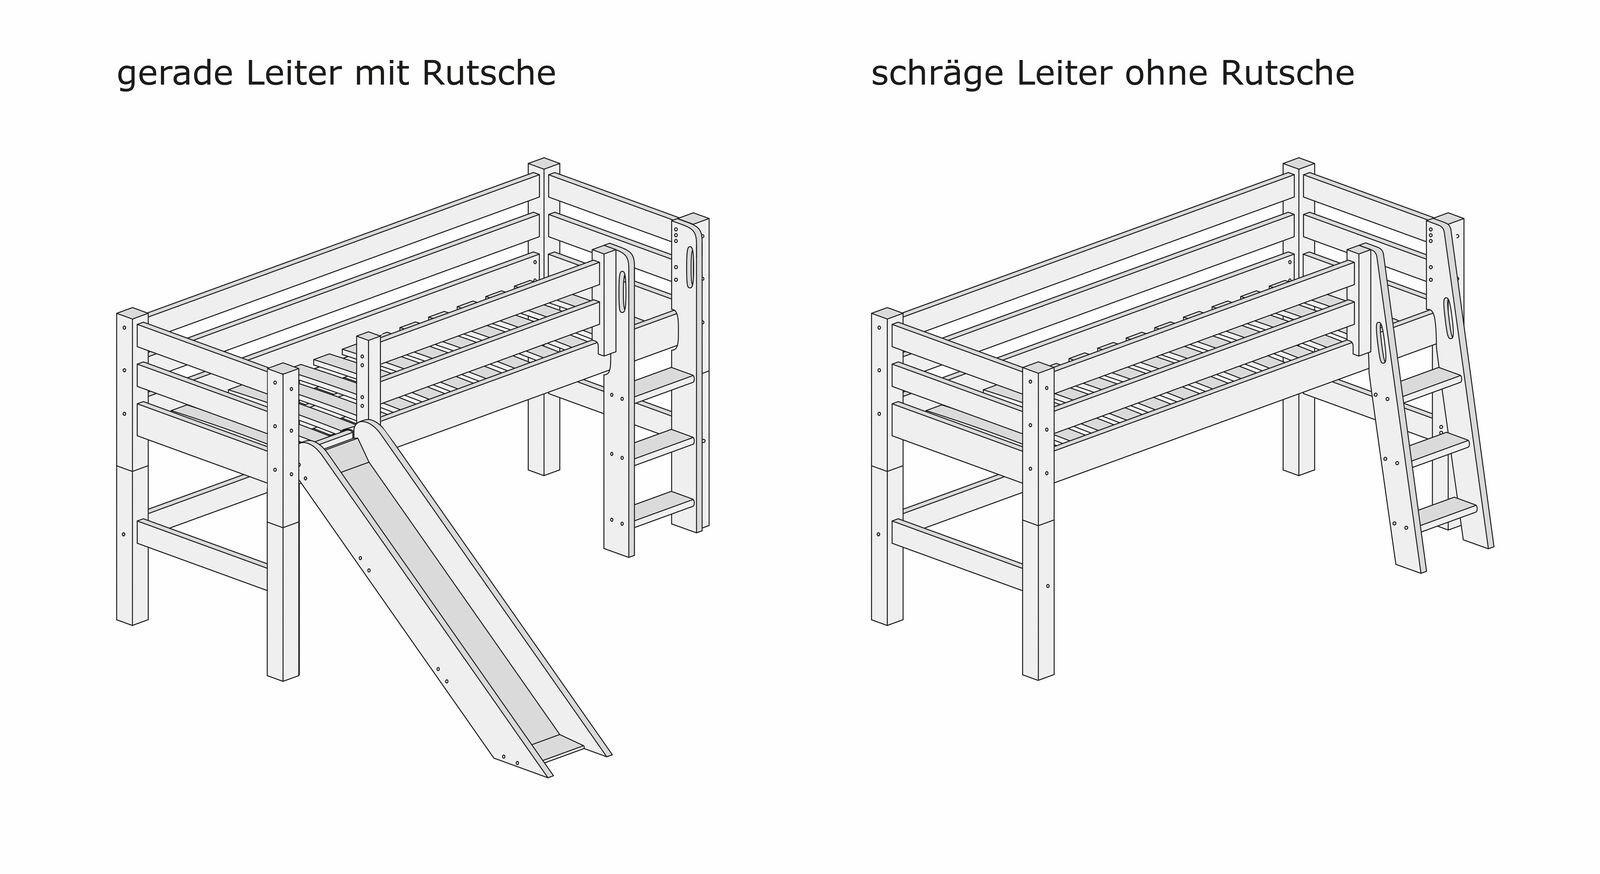 Grafik zum Mini-Hochbett mit schräger und gerader Leiter